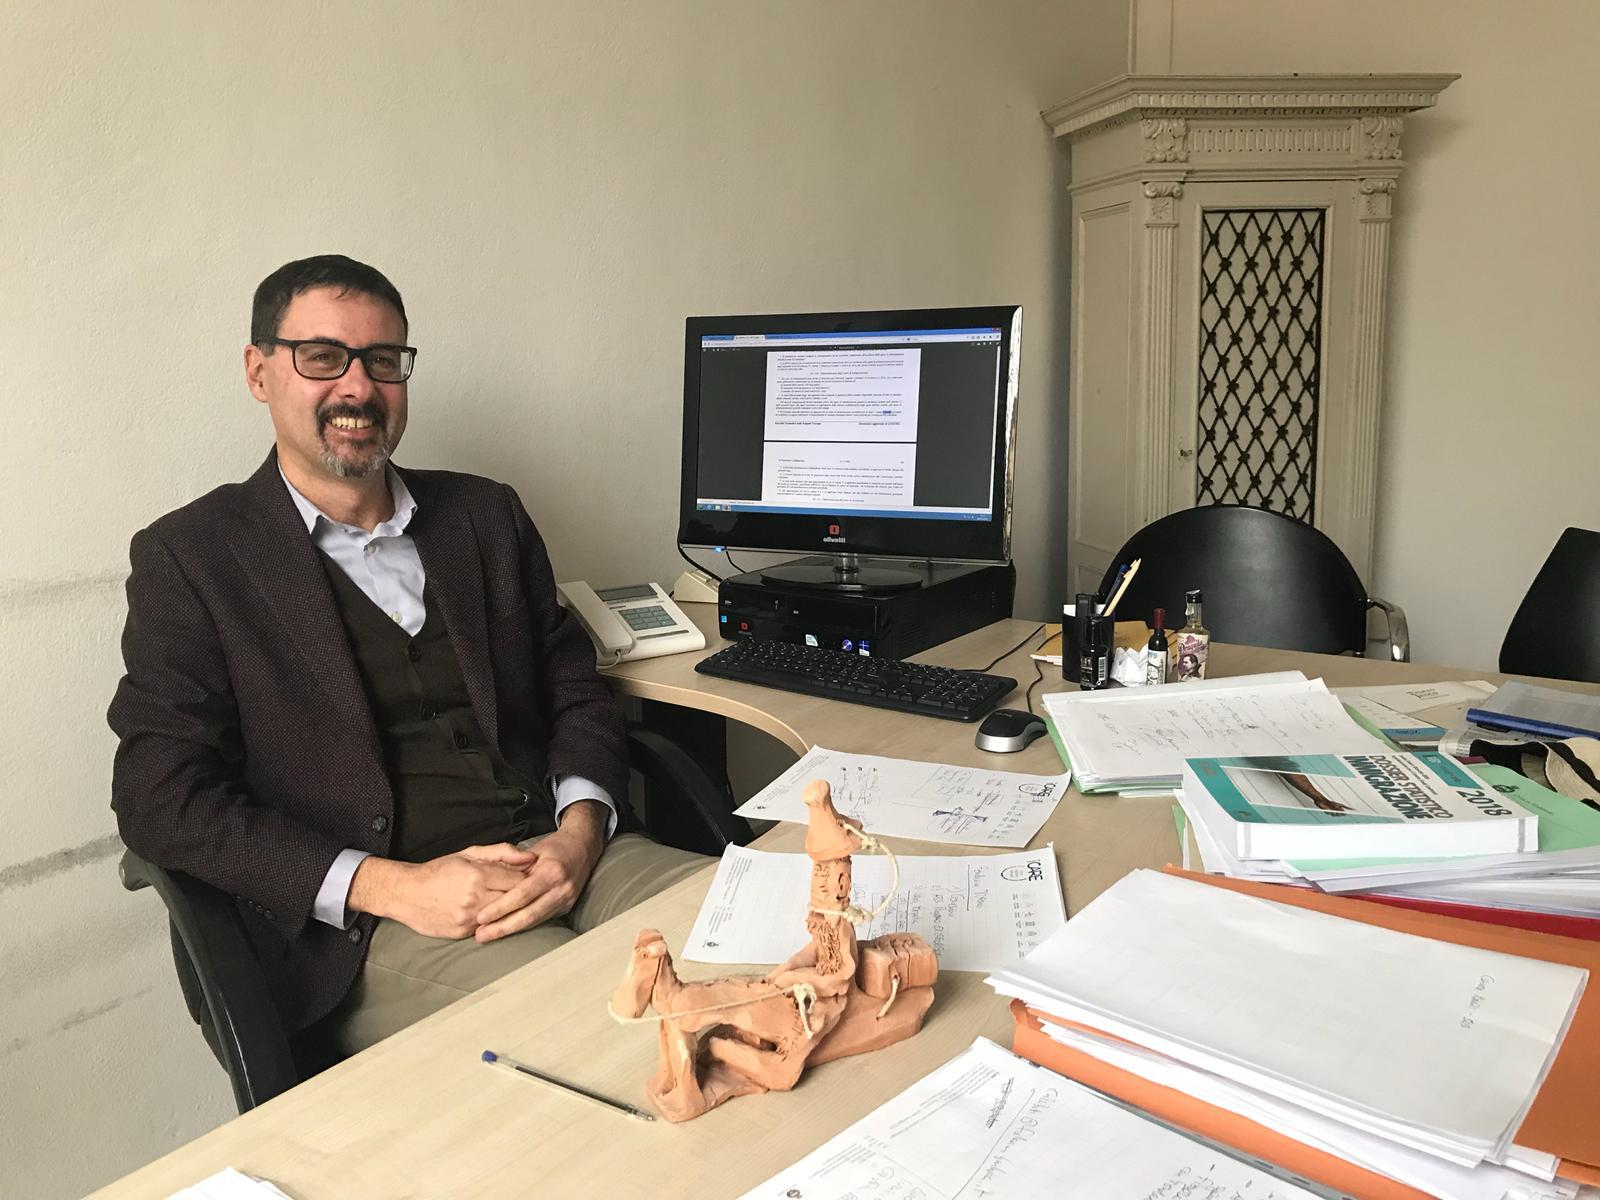 """Gabriele Tomei: """"Entro in consiglio comunale, lascio l'impegno di Giunta per impegni universitari"""""""